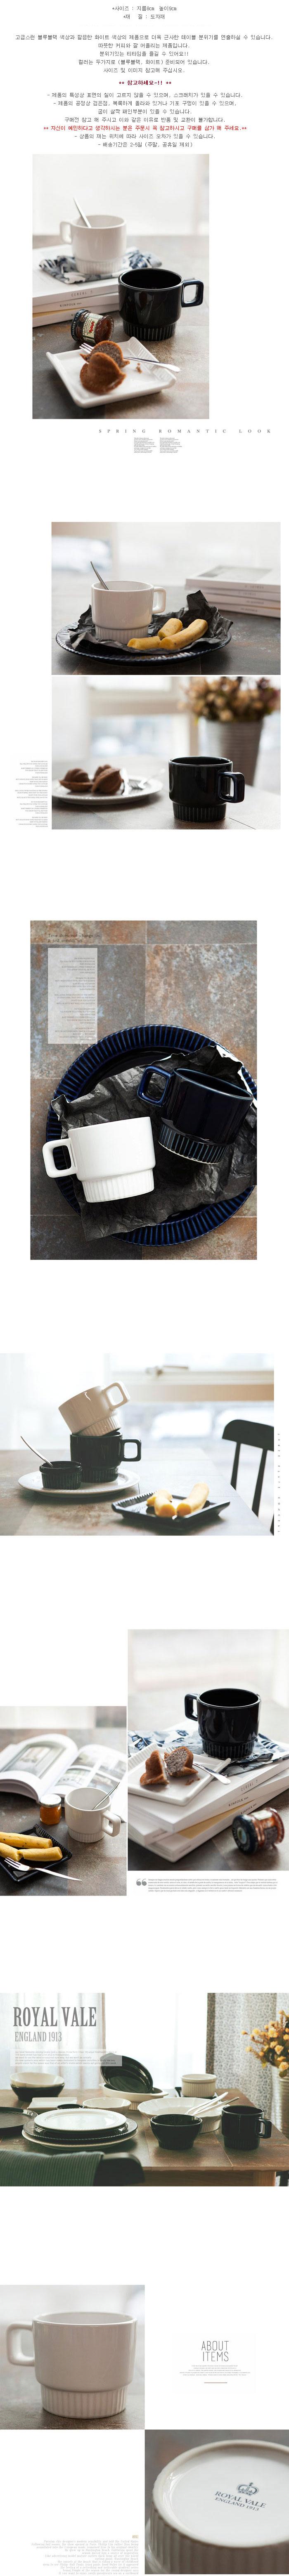 로얄베일 블루블랙and화이트 머그-소(2color) lovesweety - 꾸미기 좋은날, 8,400원, 머그컵, 심플머그